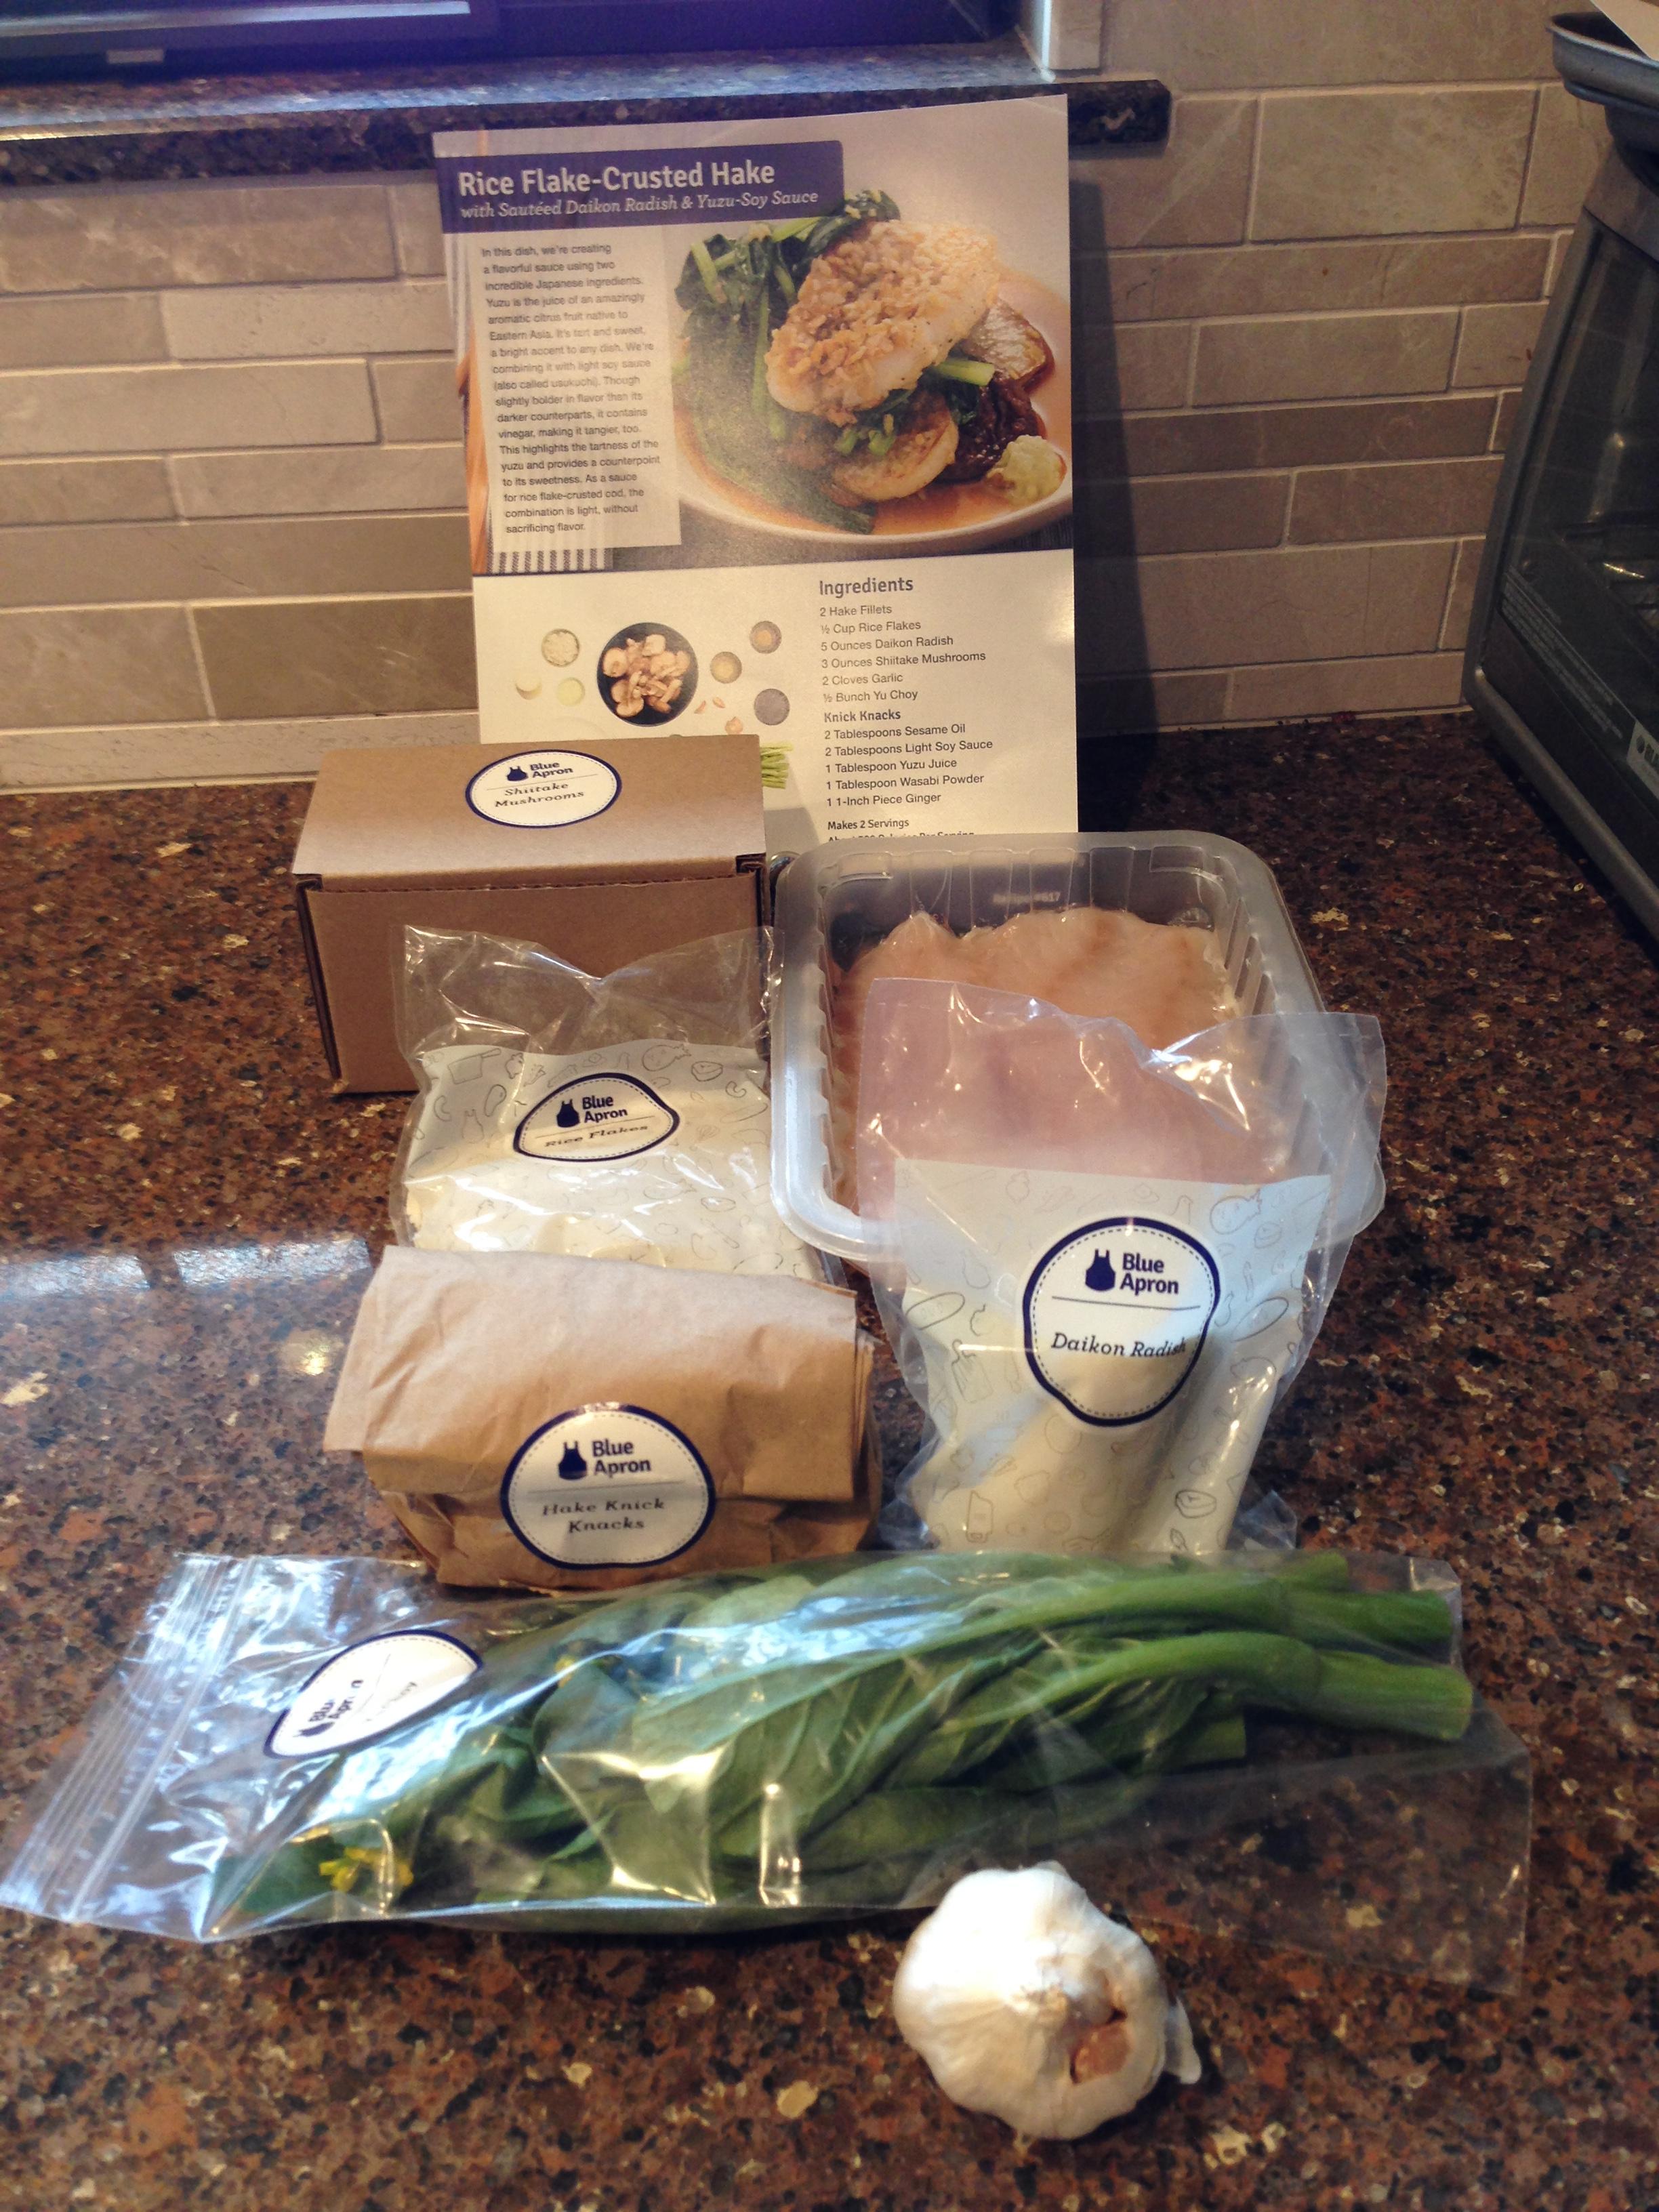 Blue apron yuzu cod - Riceflakecrustedhake2 Riceflakecrustedhake3